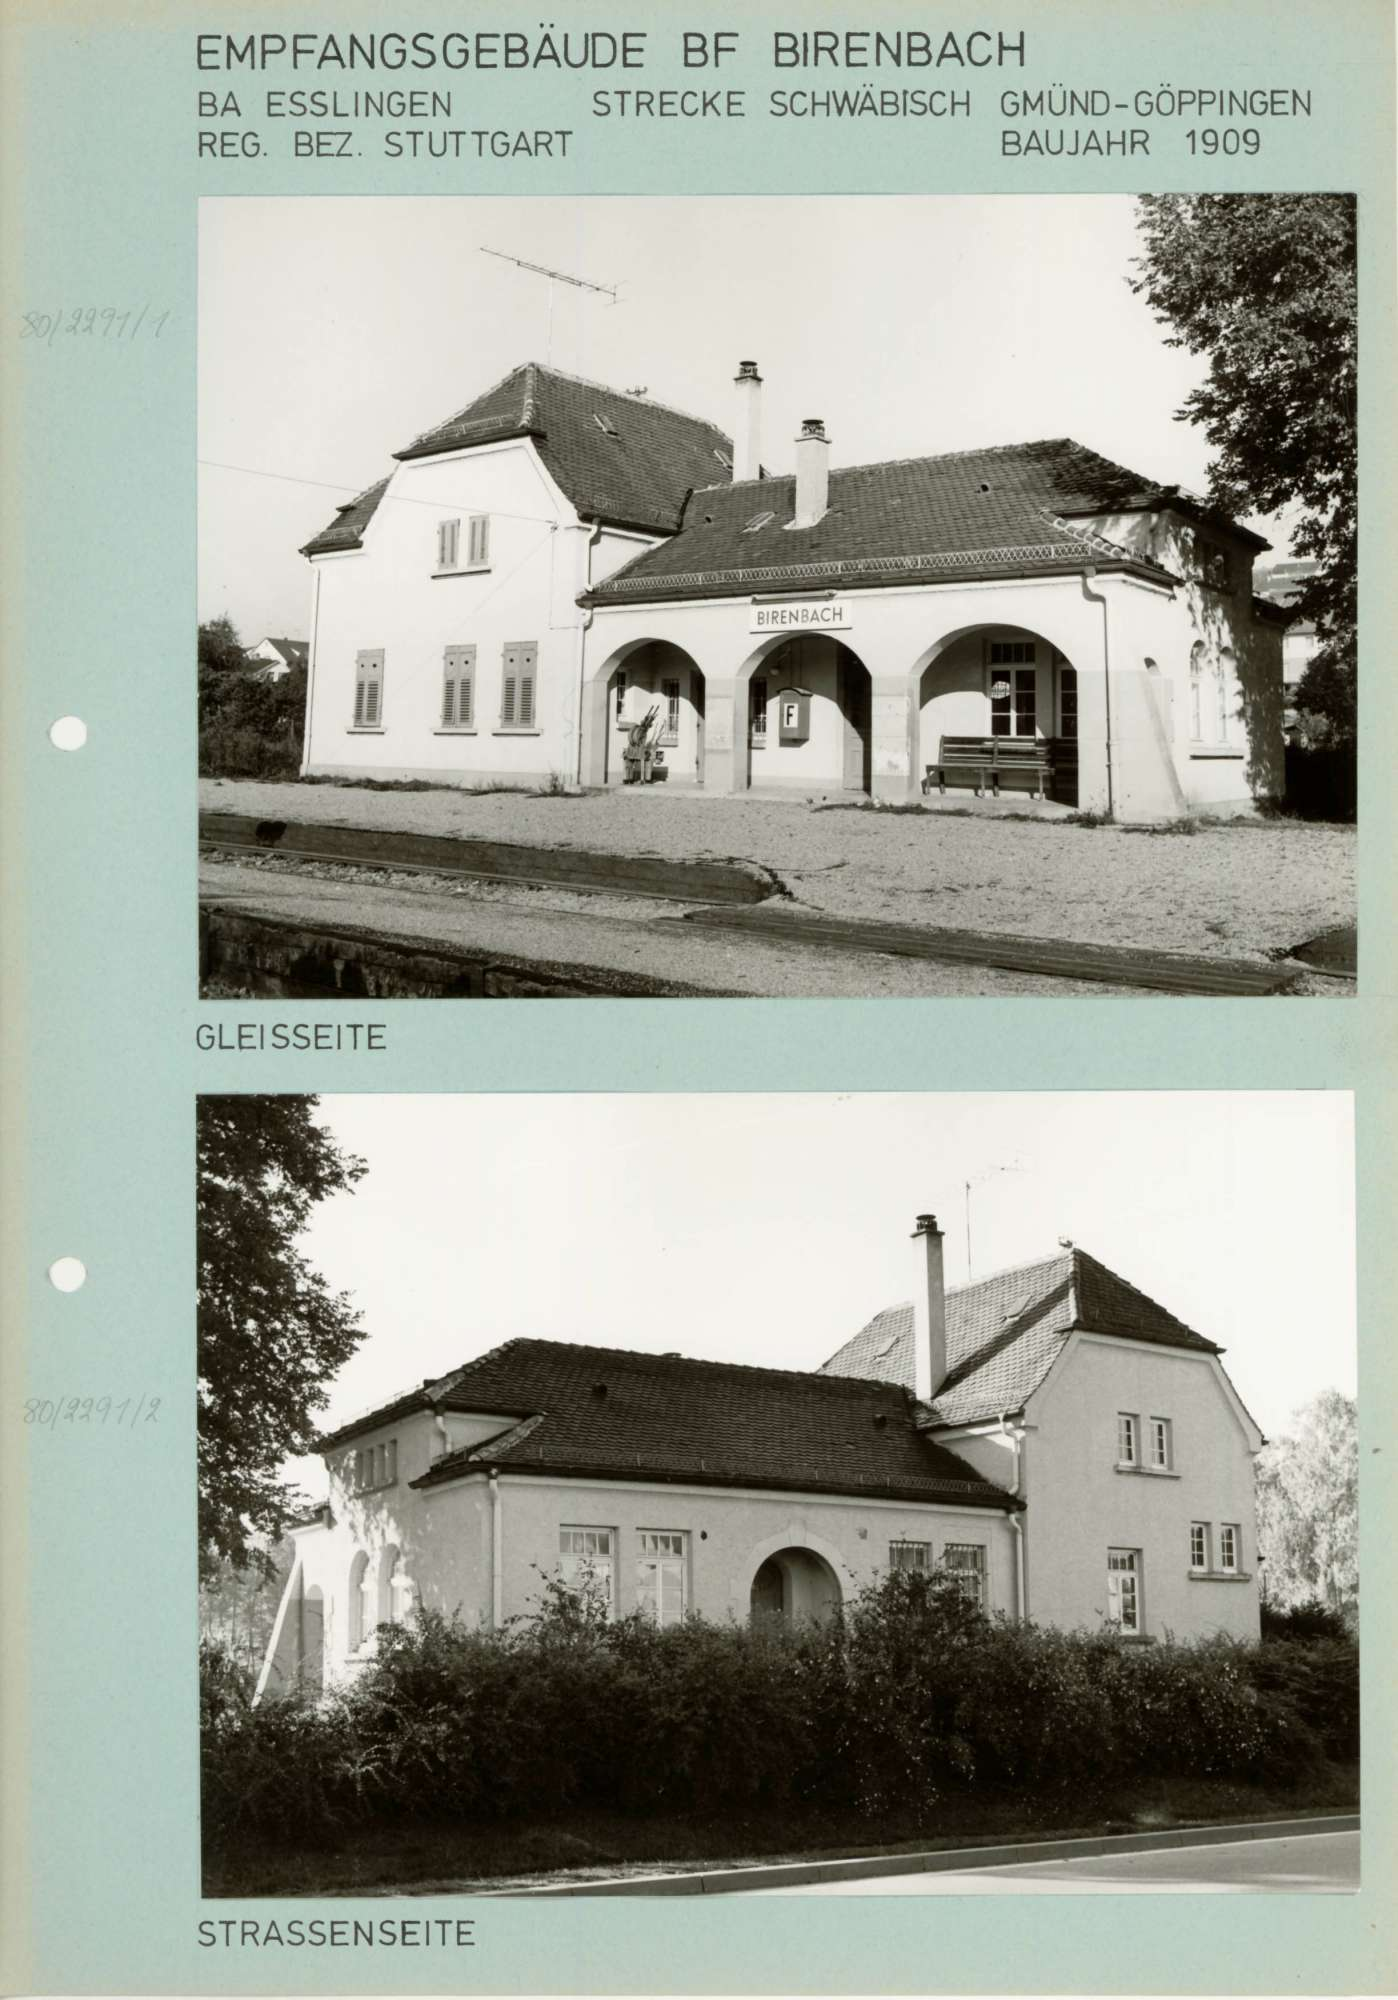 Birenbach: 4 Fotos, Bild 1